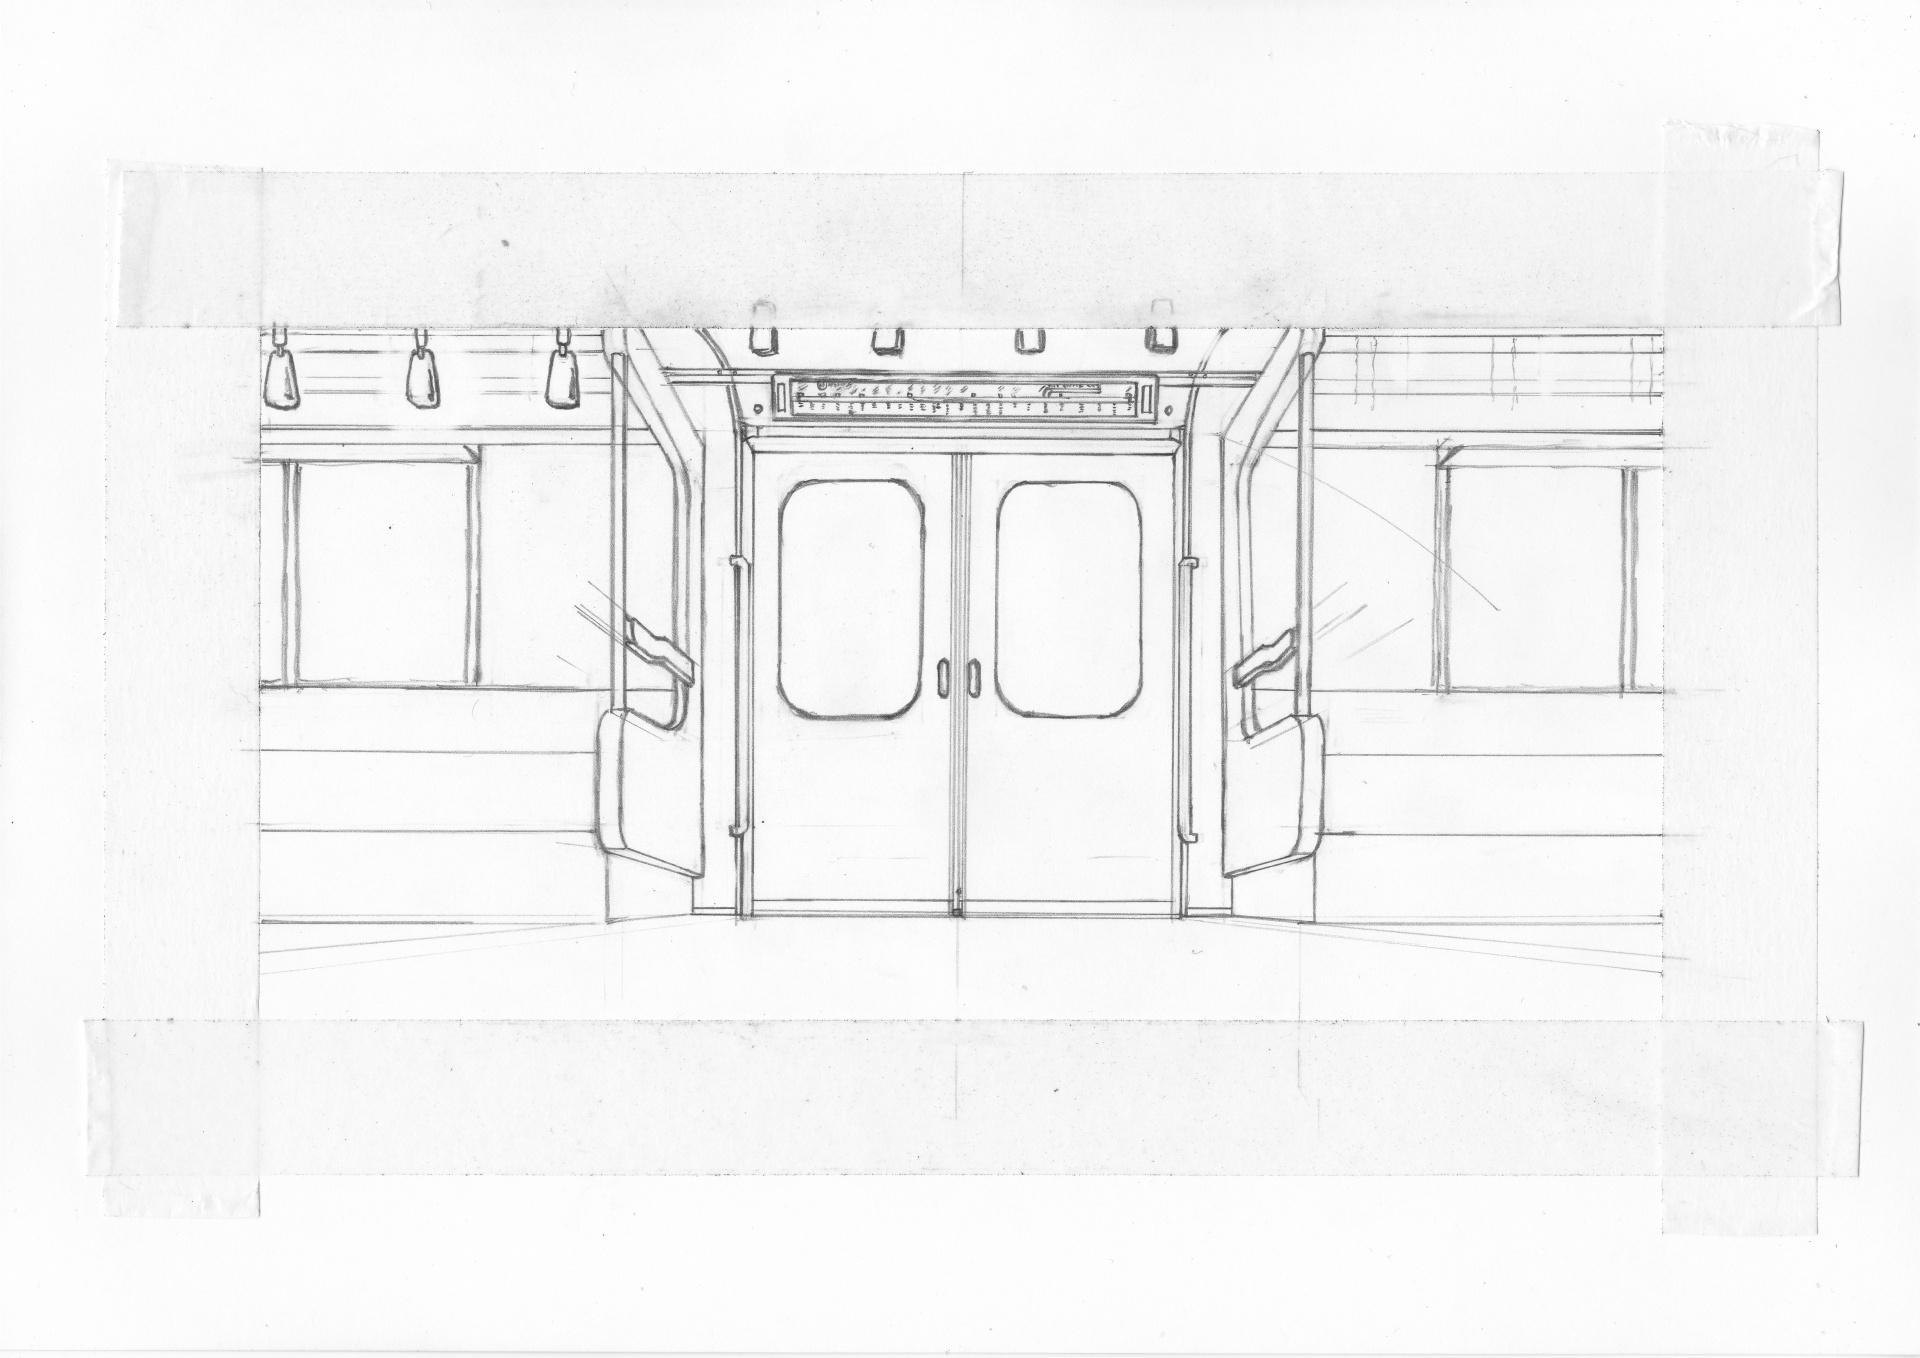 02系の車内路線図を描画